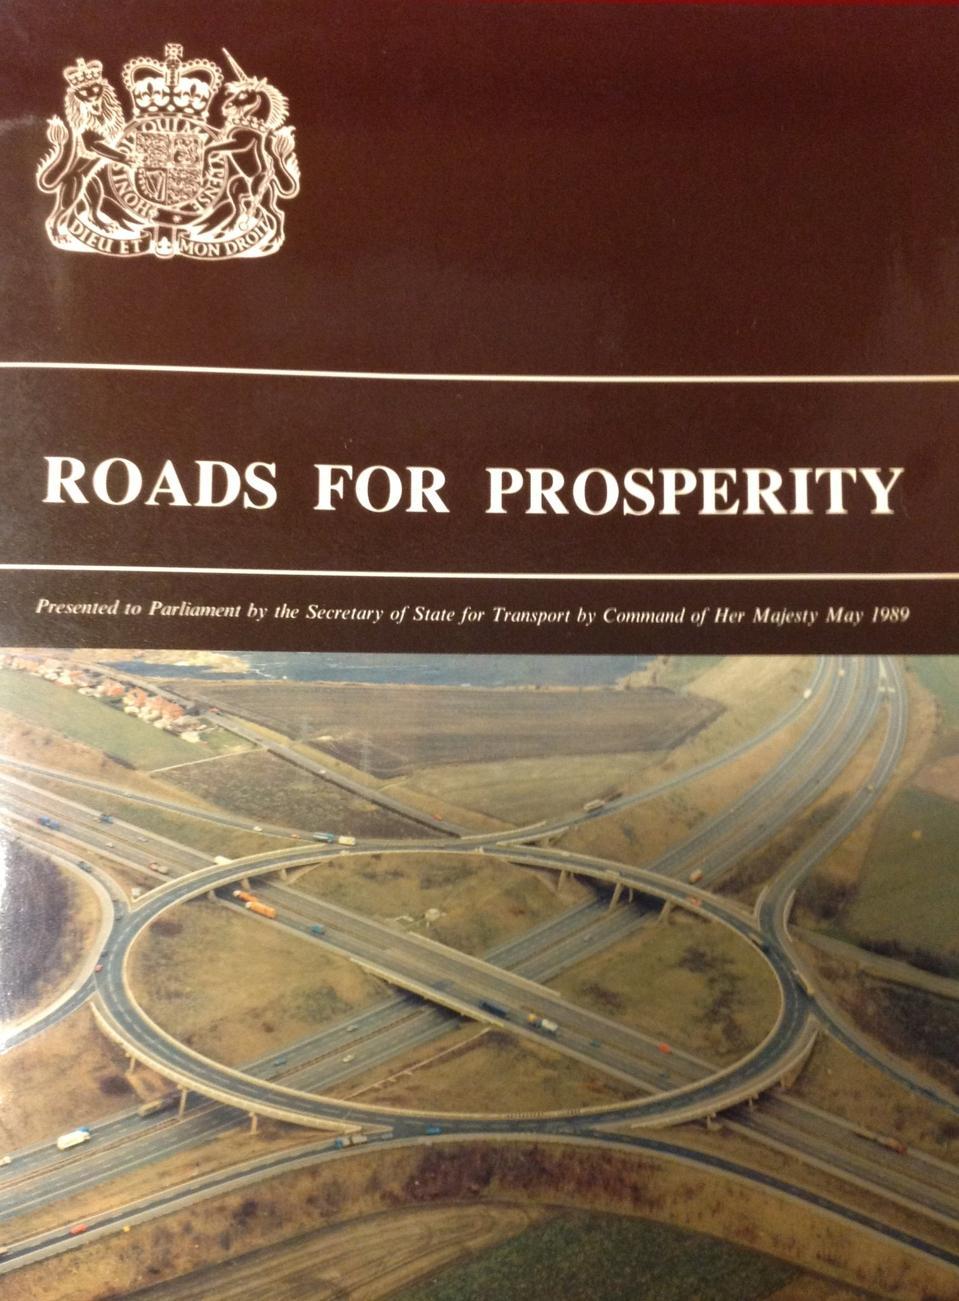 ″Roads for Prosperity″ report, 1989.